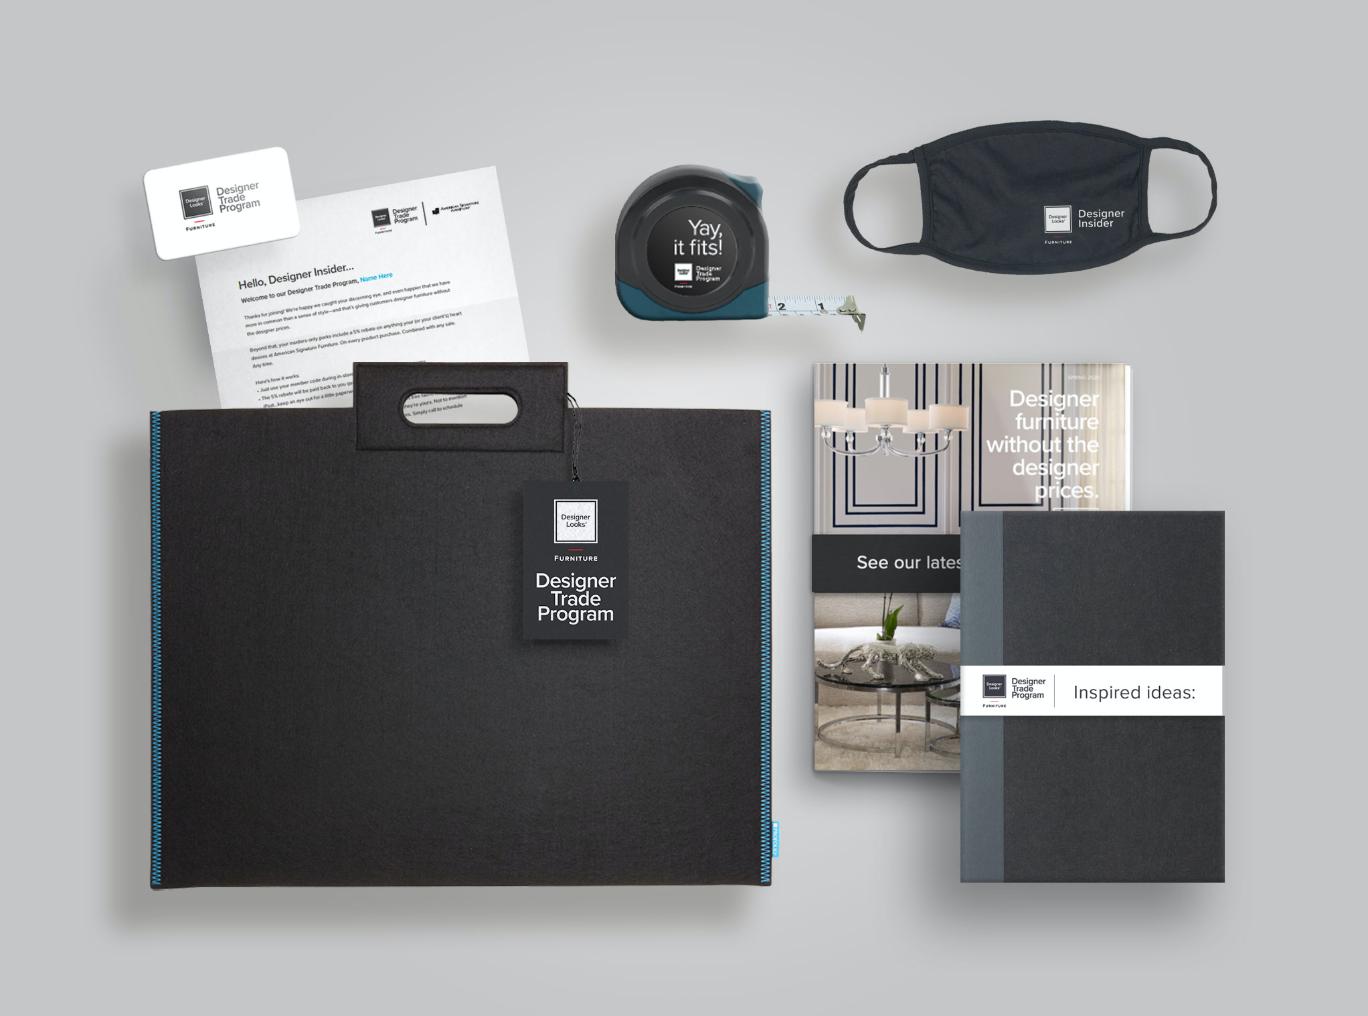 Designer Trade Program Gift Offerings